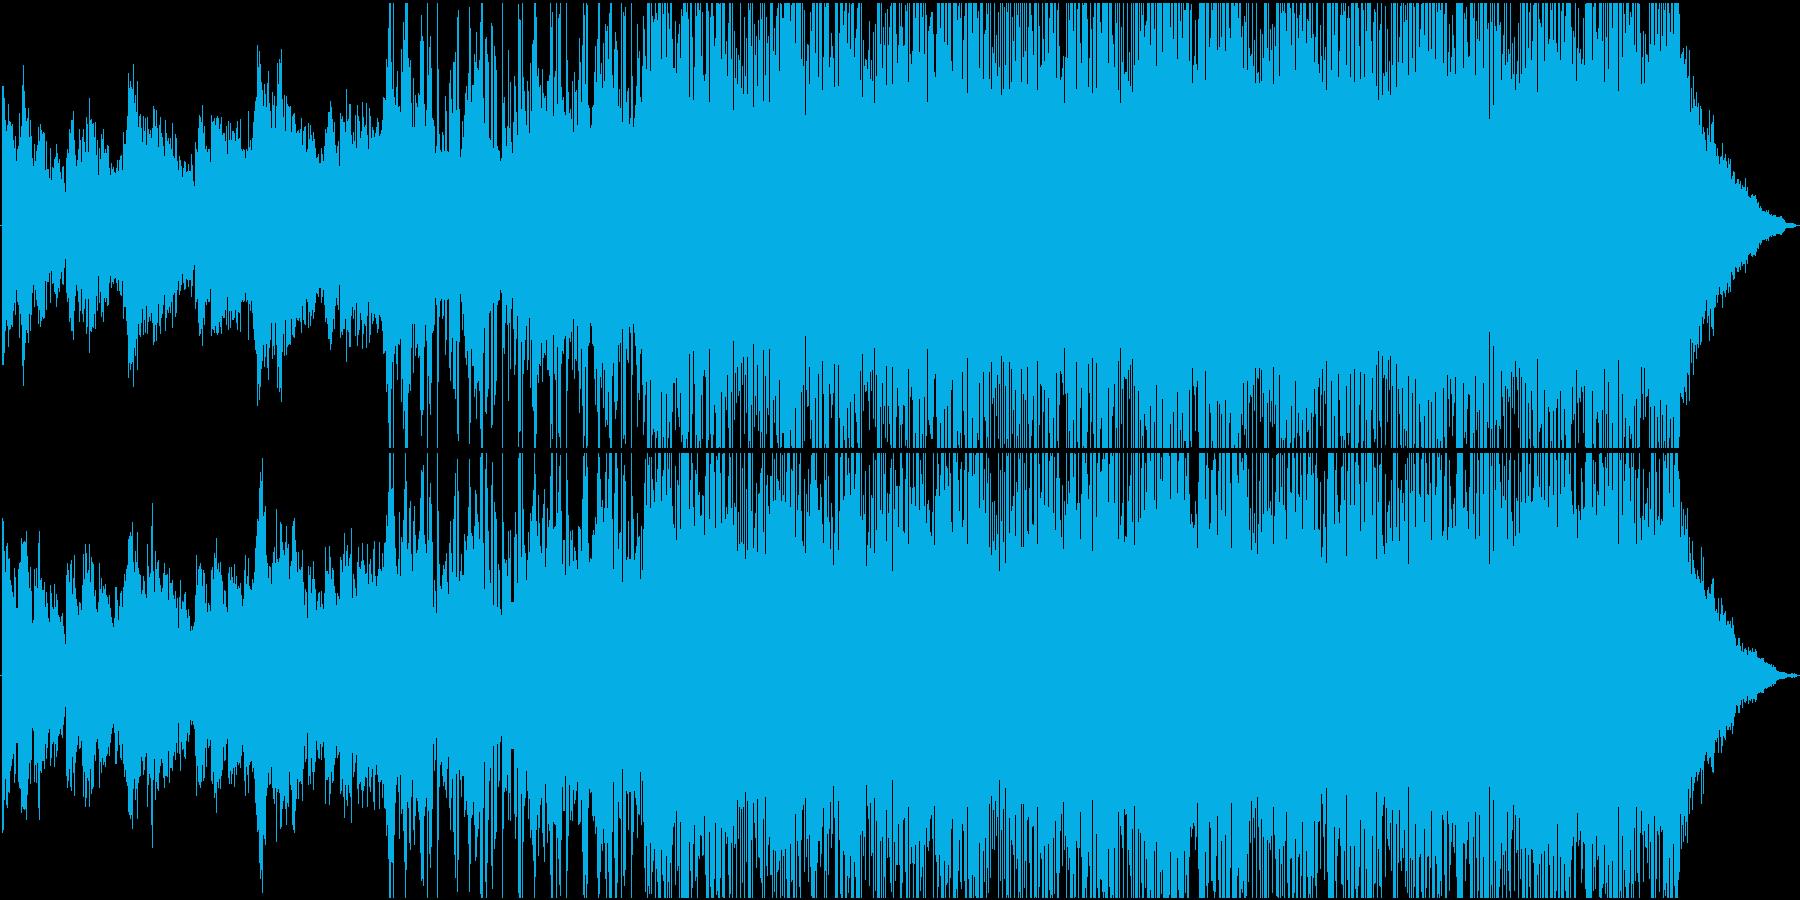 母なる星を連想させるエレクトロニカの再生済みの波形